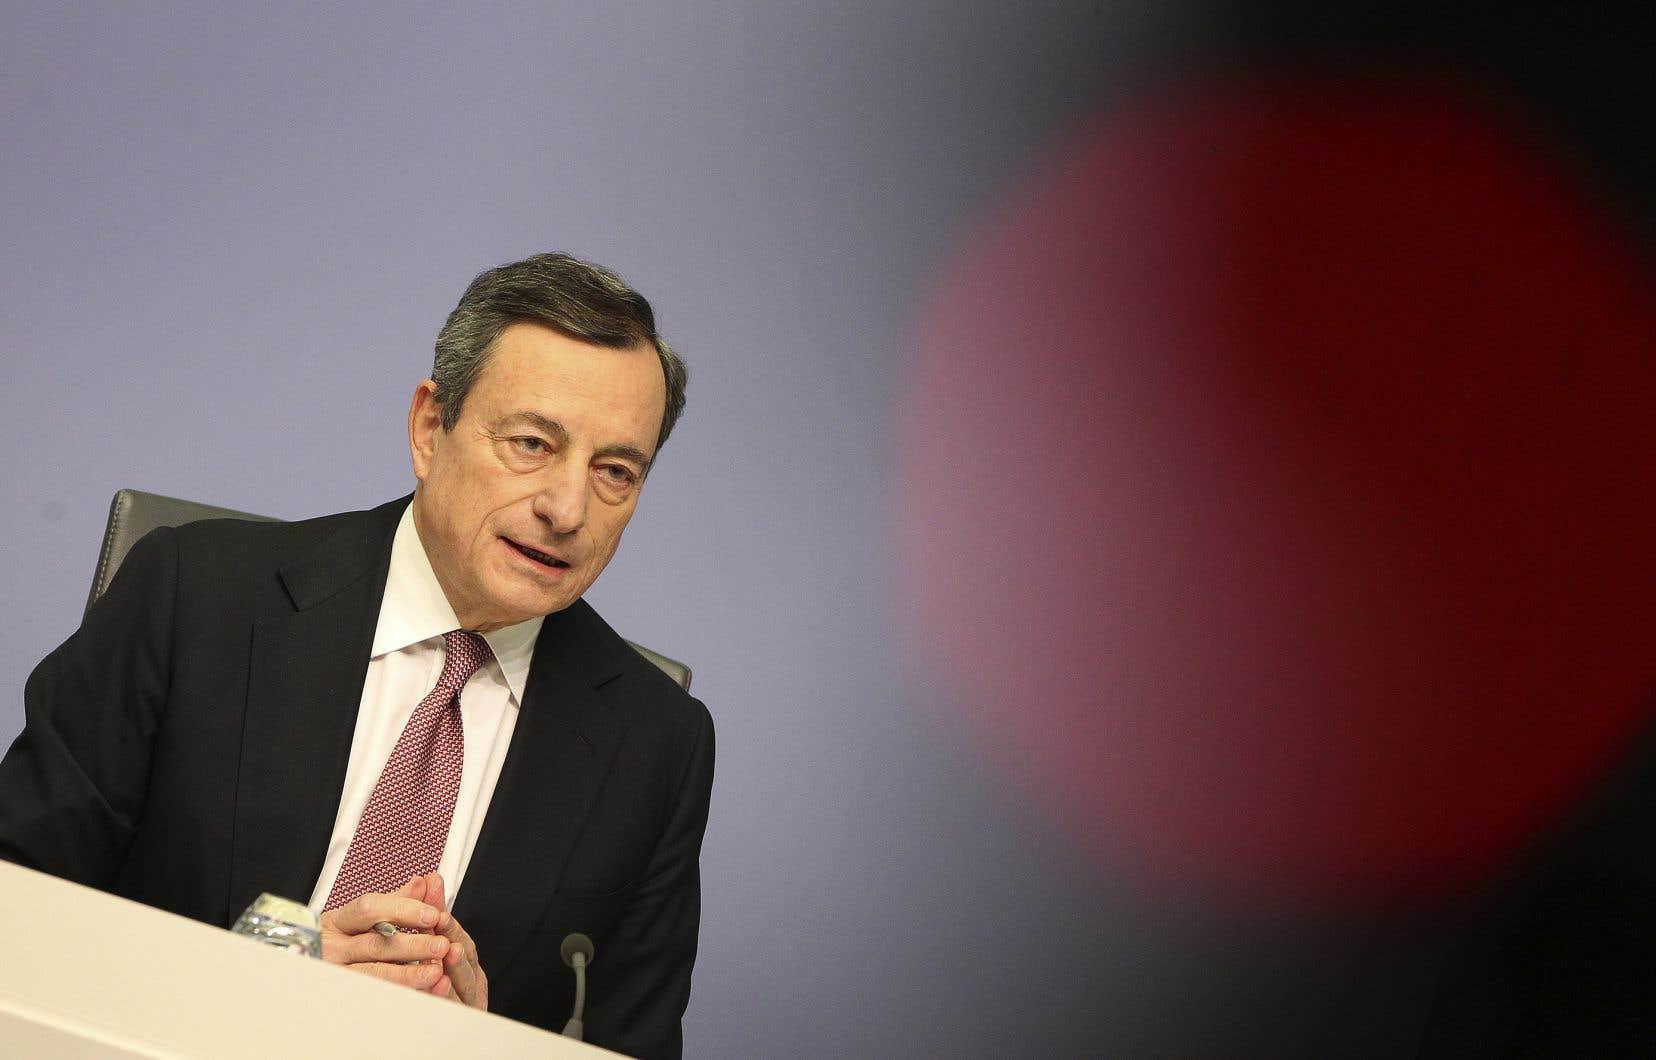 Soucieux de rassurer, Mario Draghi a néanmoins insisté sur le fait que le risque de récession restait «faible» aux yeux du Conseil des gouverneurs, balayant pour l'heure les scénarios les plus noirs.